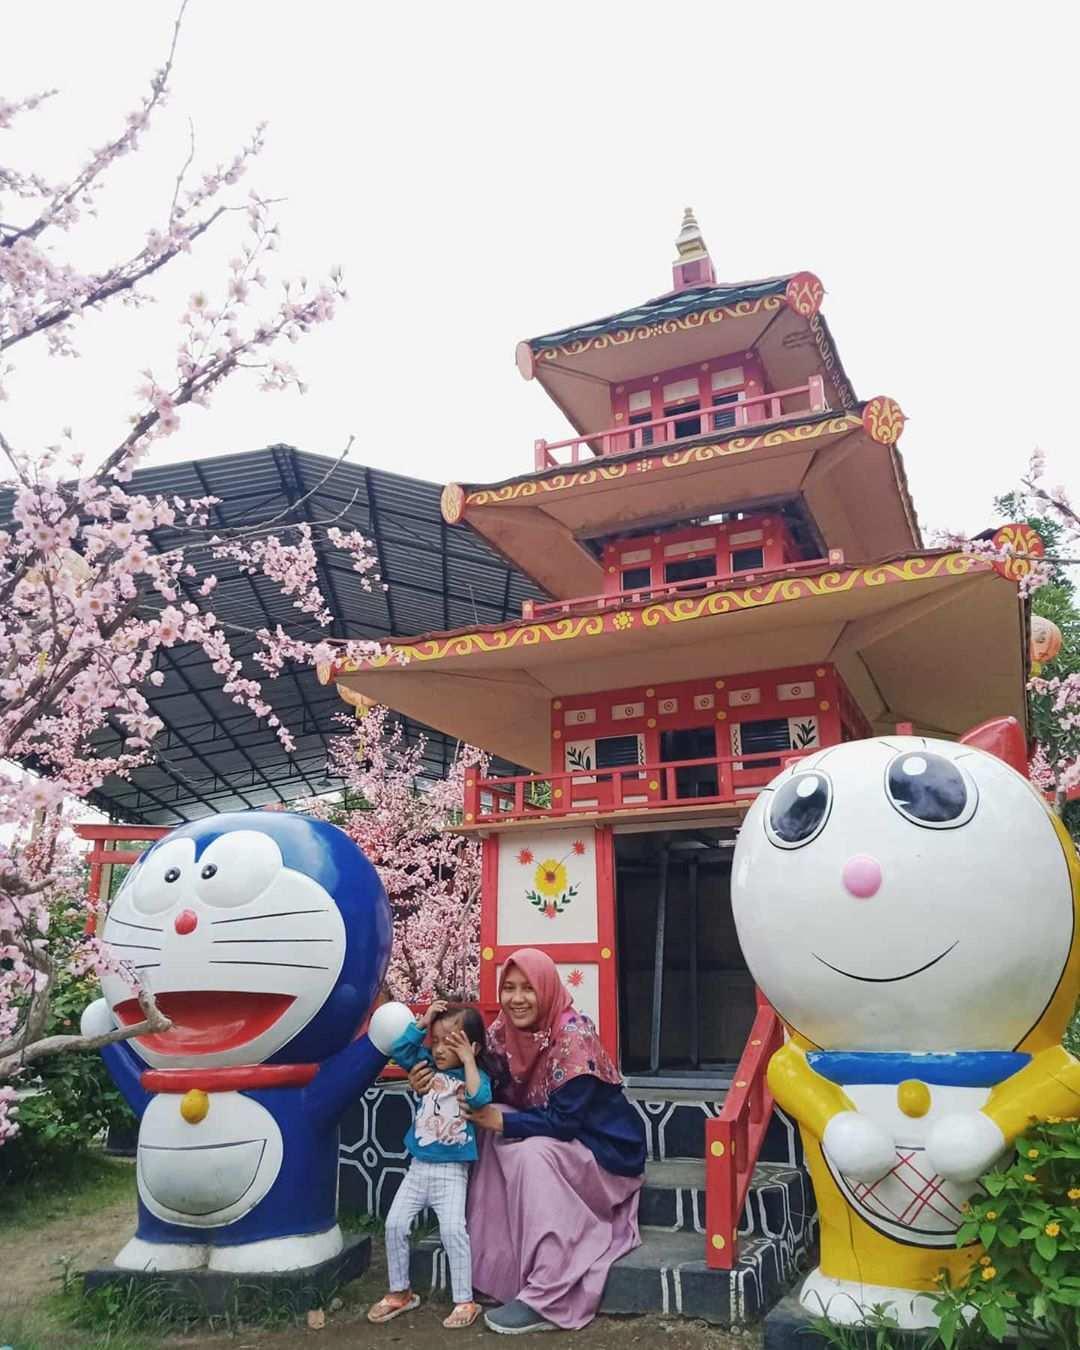 Berfoto Bersama Patung Doraemon di Istana Sakura Blitar Image From @syifa_izzati